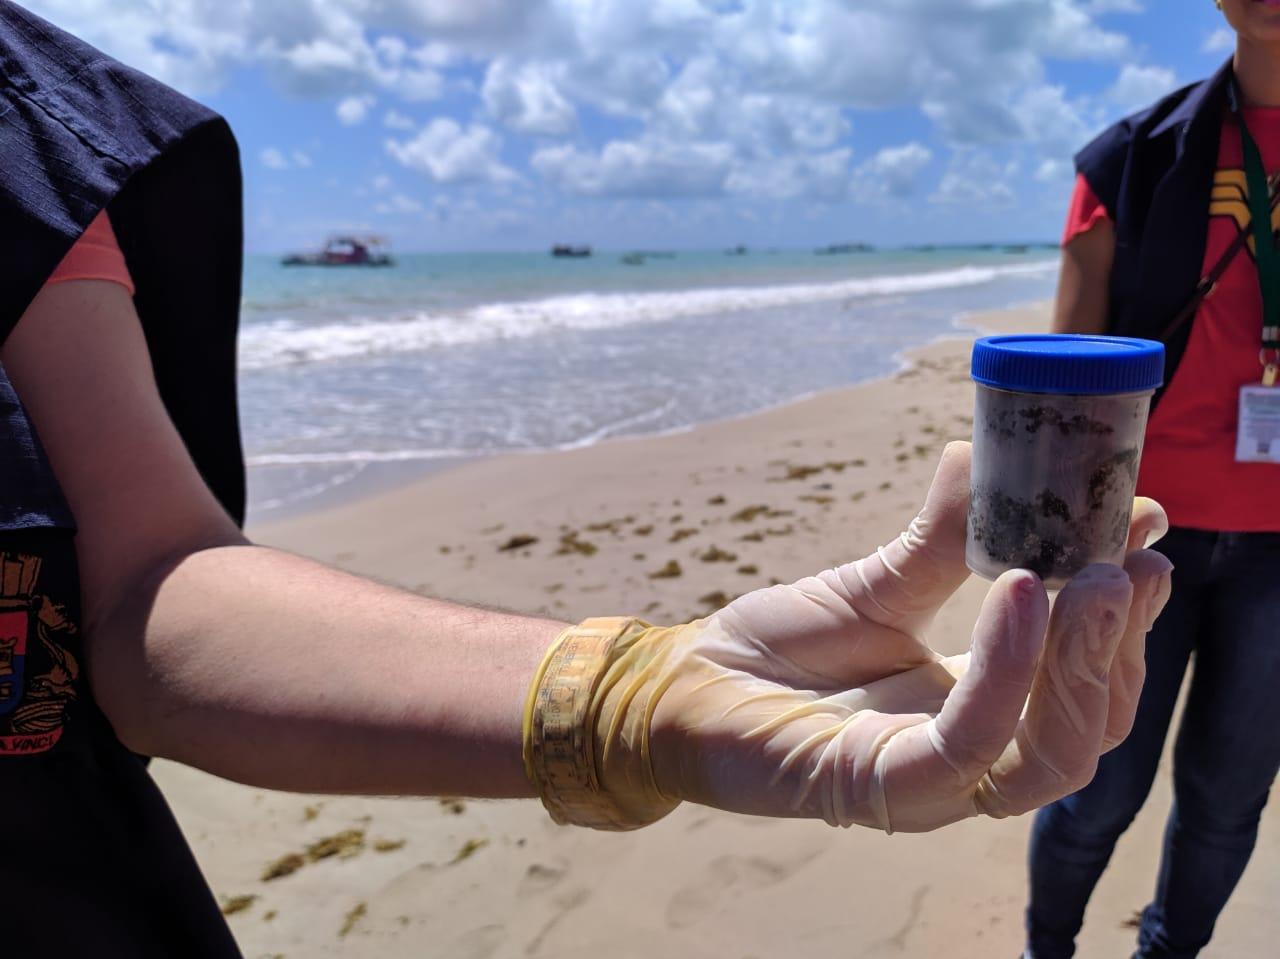 fezes tartarugas mar areia foto ewerton correia - Prefeito de Cabedelo acusa catamarãs de 'limpar banheiros' na praia, mas UFPB esclarece que fezes são de tartarugas